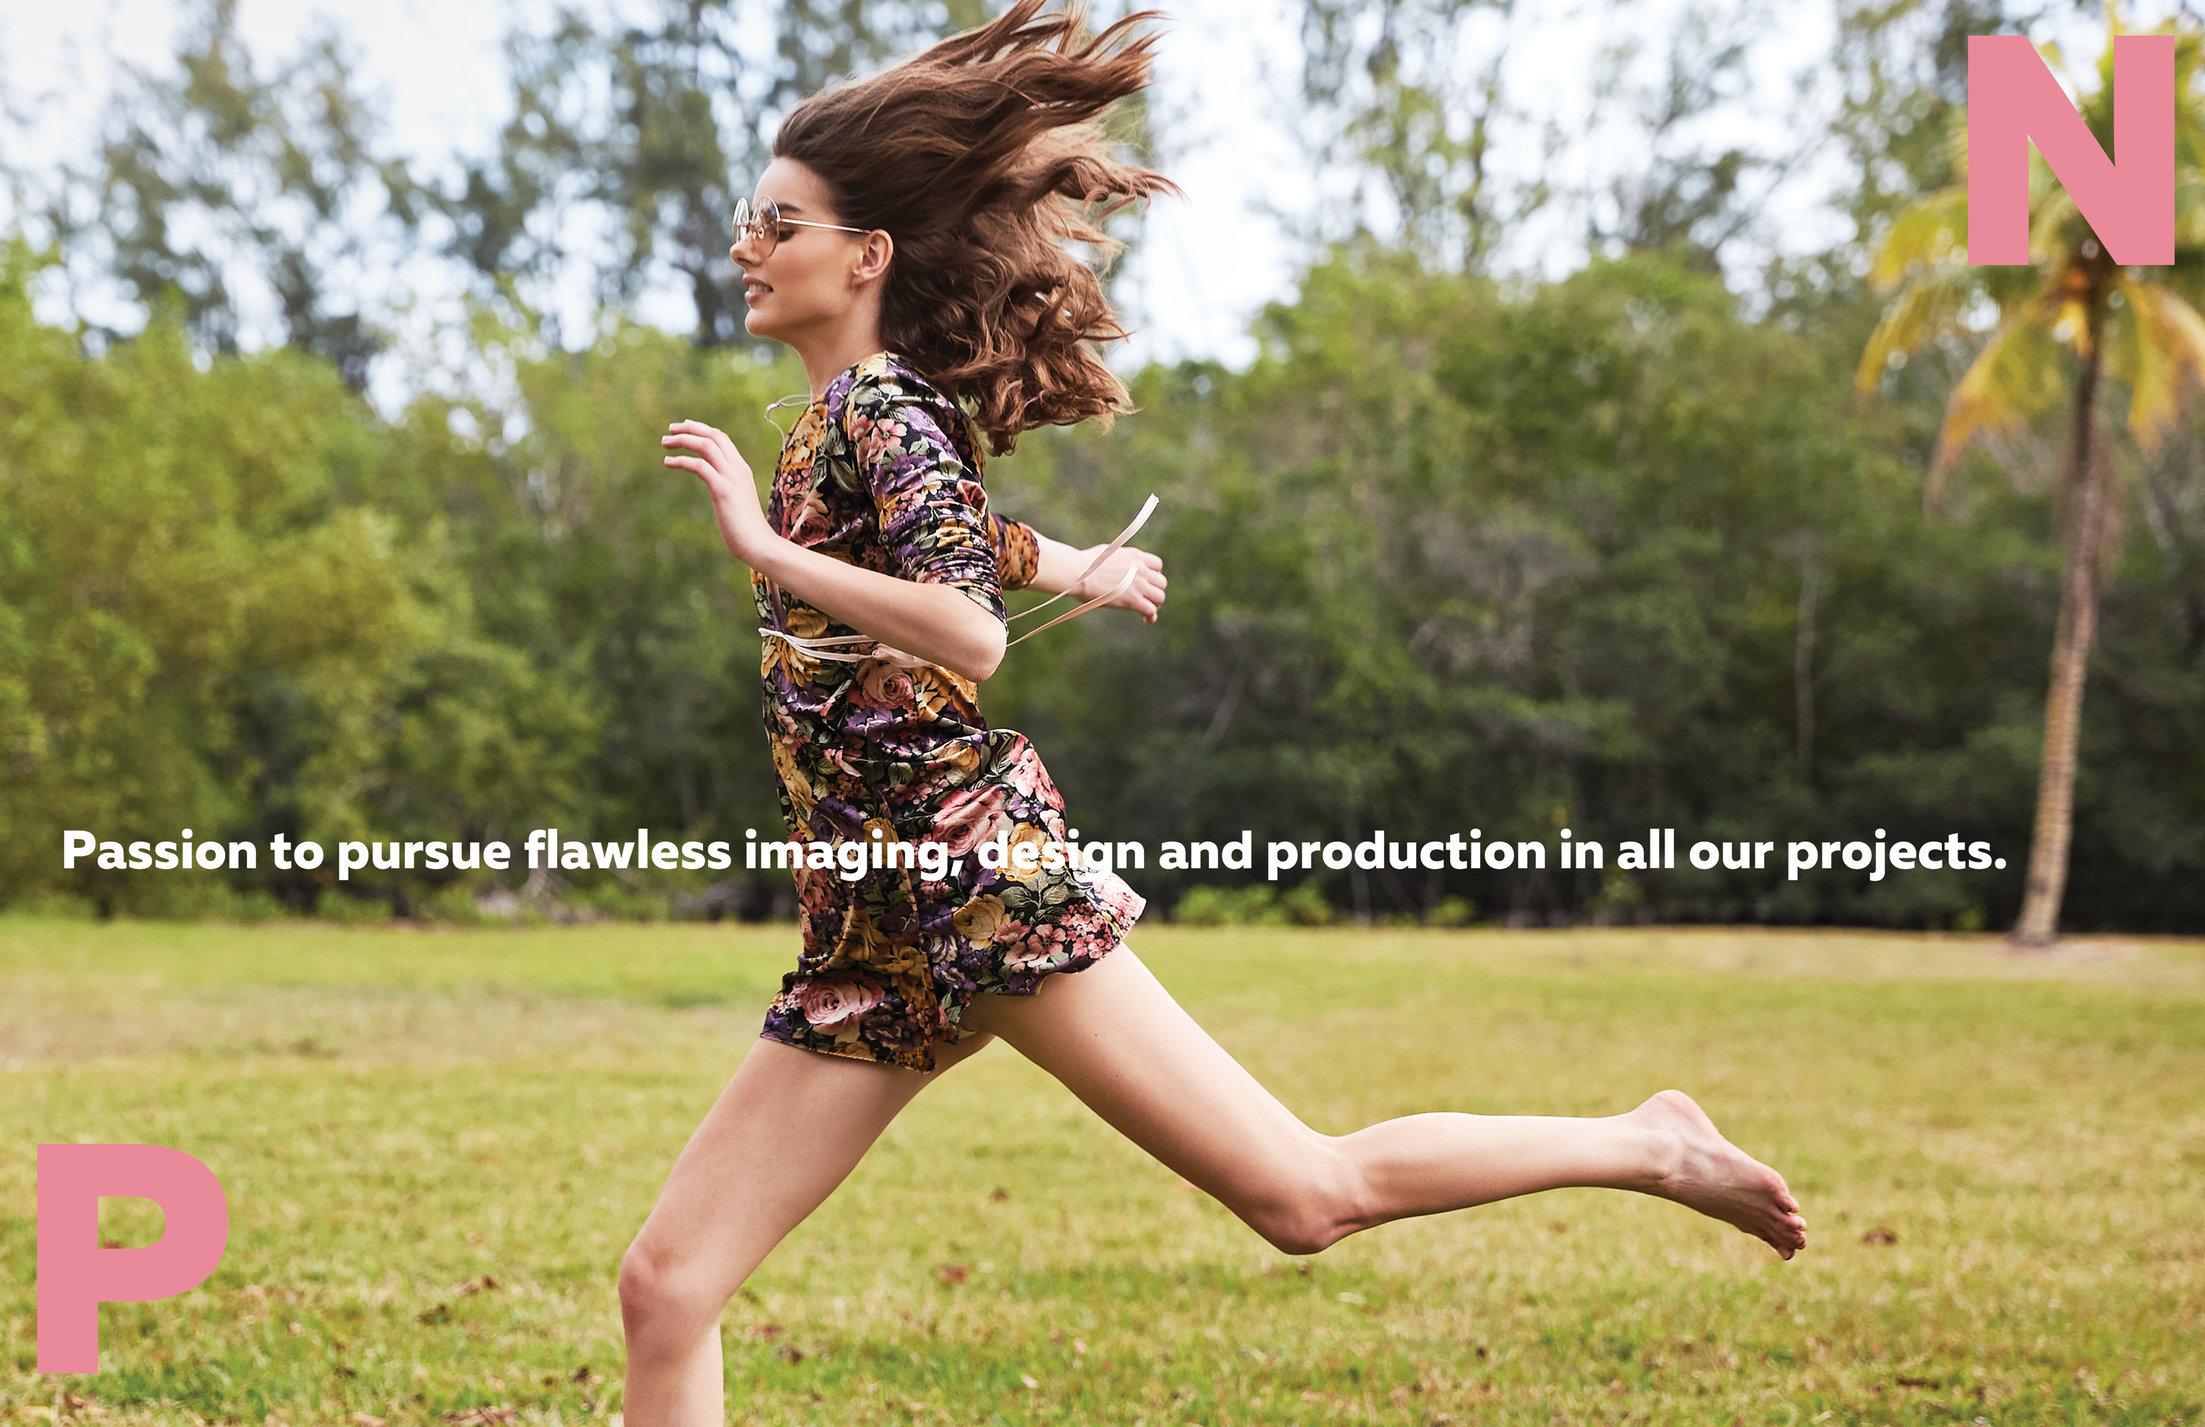 das-model-v-sport_fashion-photographer-nico-stipcianos-miami-copy-5.jpg